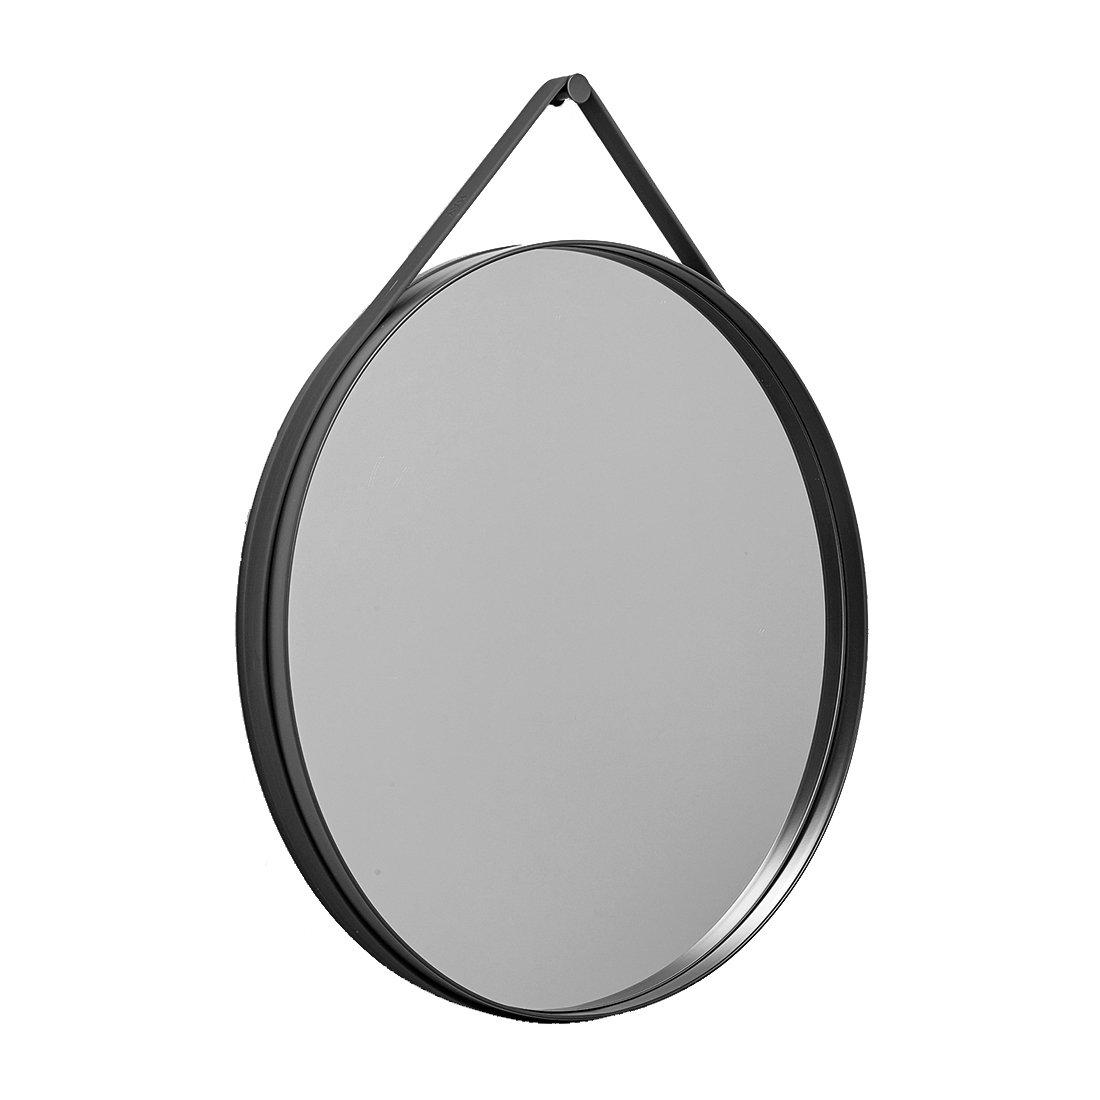 HAY Strap Mirror Spiegel 70 cm Antraciet